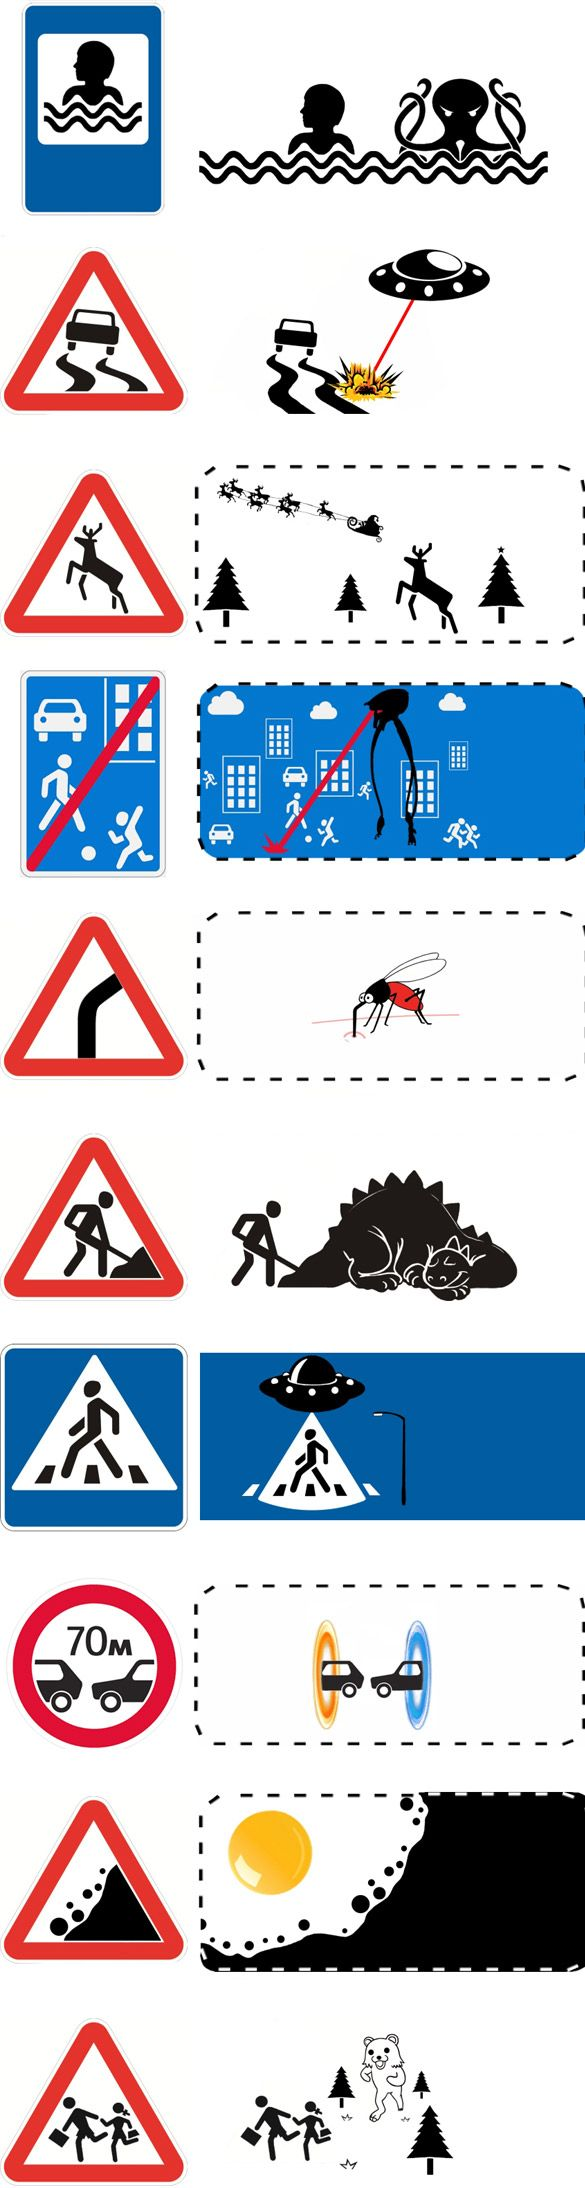 Graphisme & interactivité blog par Geoffrey Dorne » Découvrez le vrai sens sur les panneaux de signalisation !